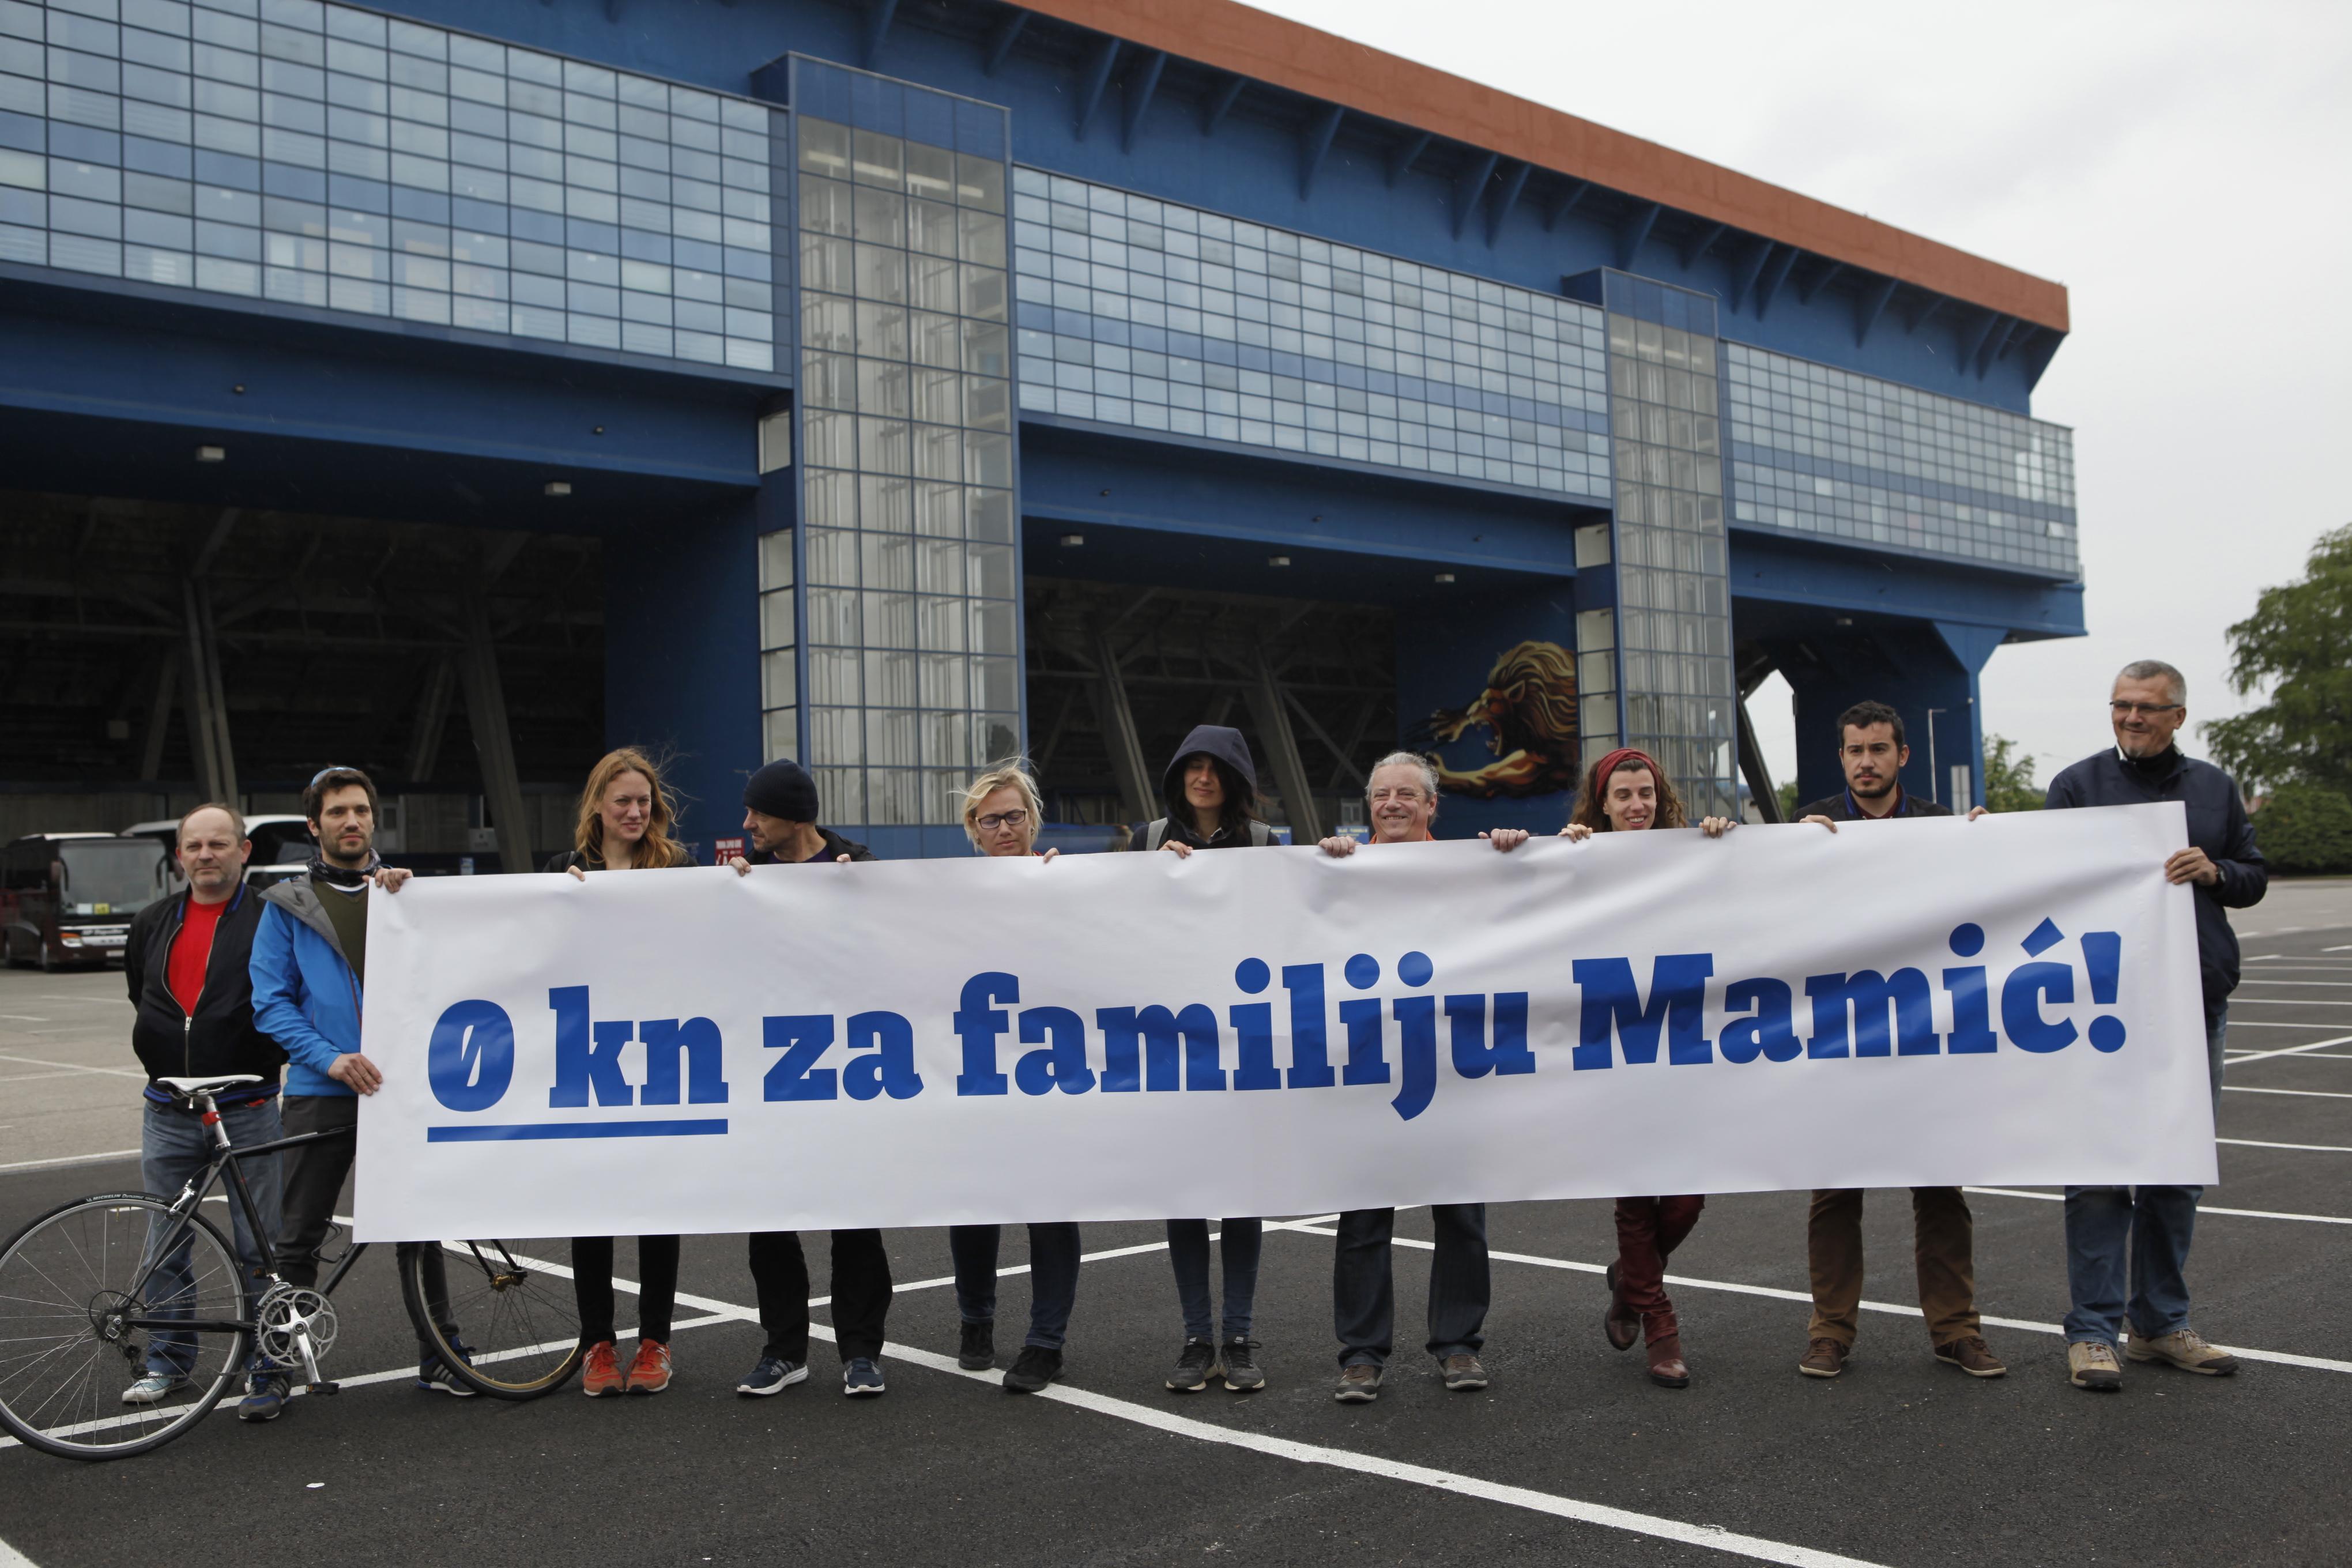 Ne privatizaciji Dinama – prijedlog zaključka oporbenih klubova